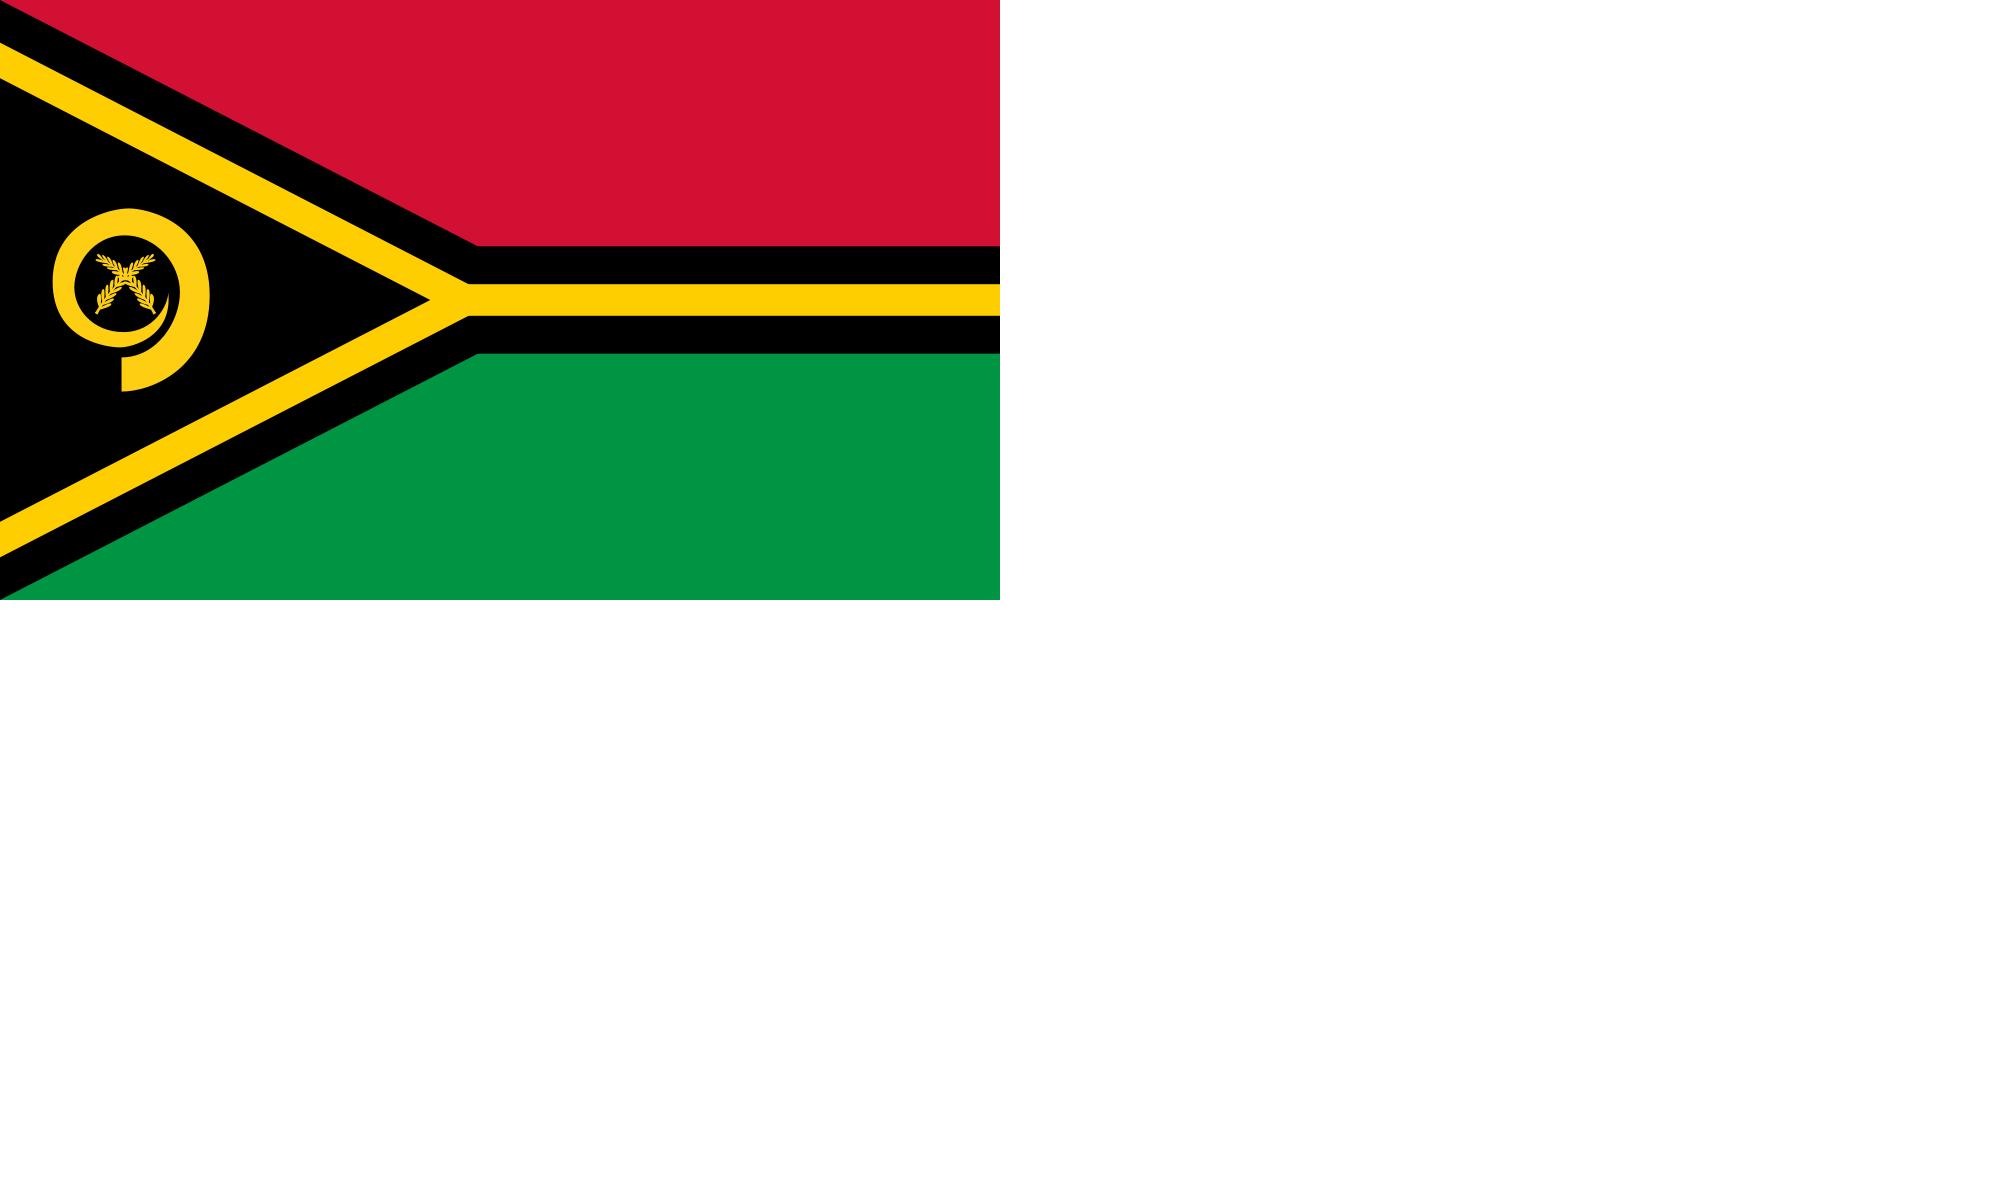 Vanuatu (Naval ensign)